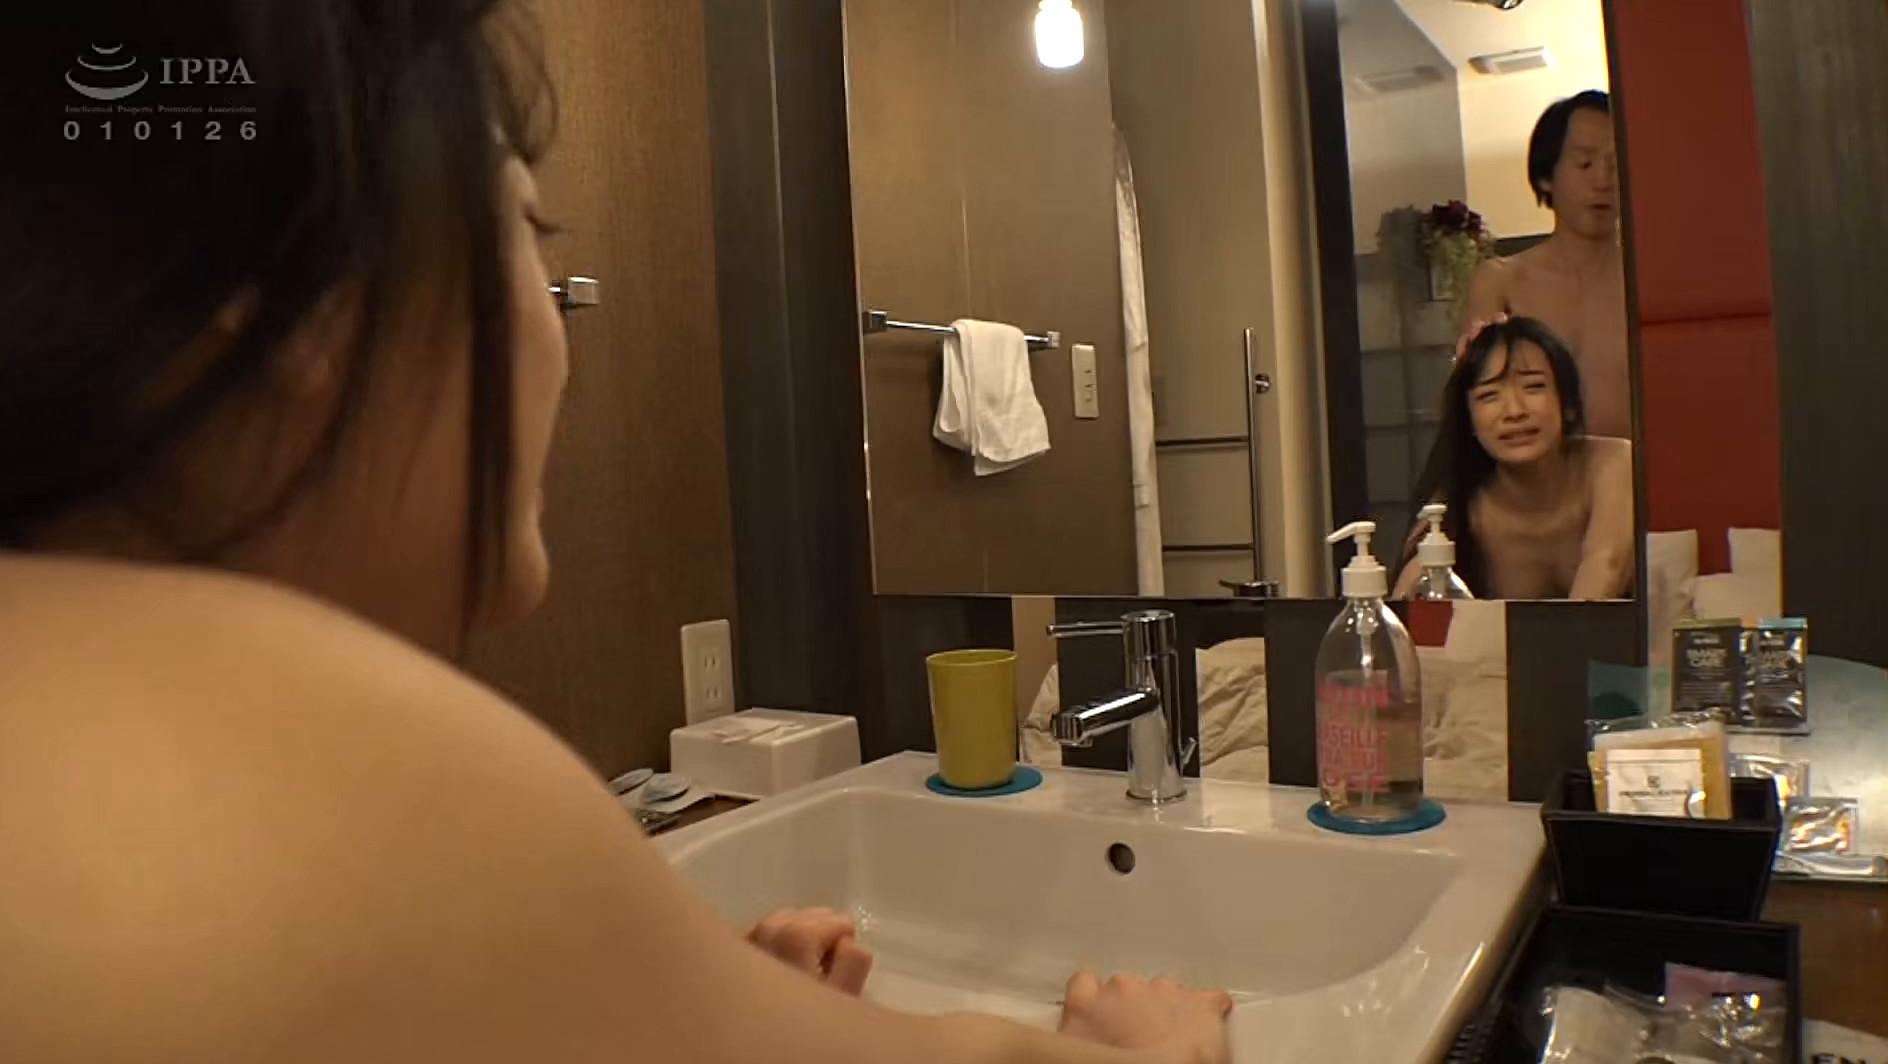 ケートライブ美少女スーパーベスト vol.9 10人連続セックス 8時間 画像3